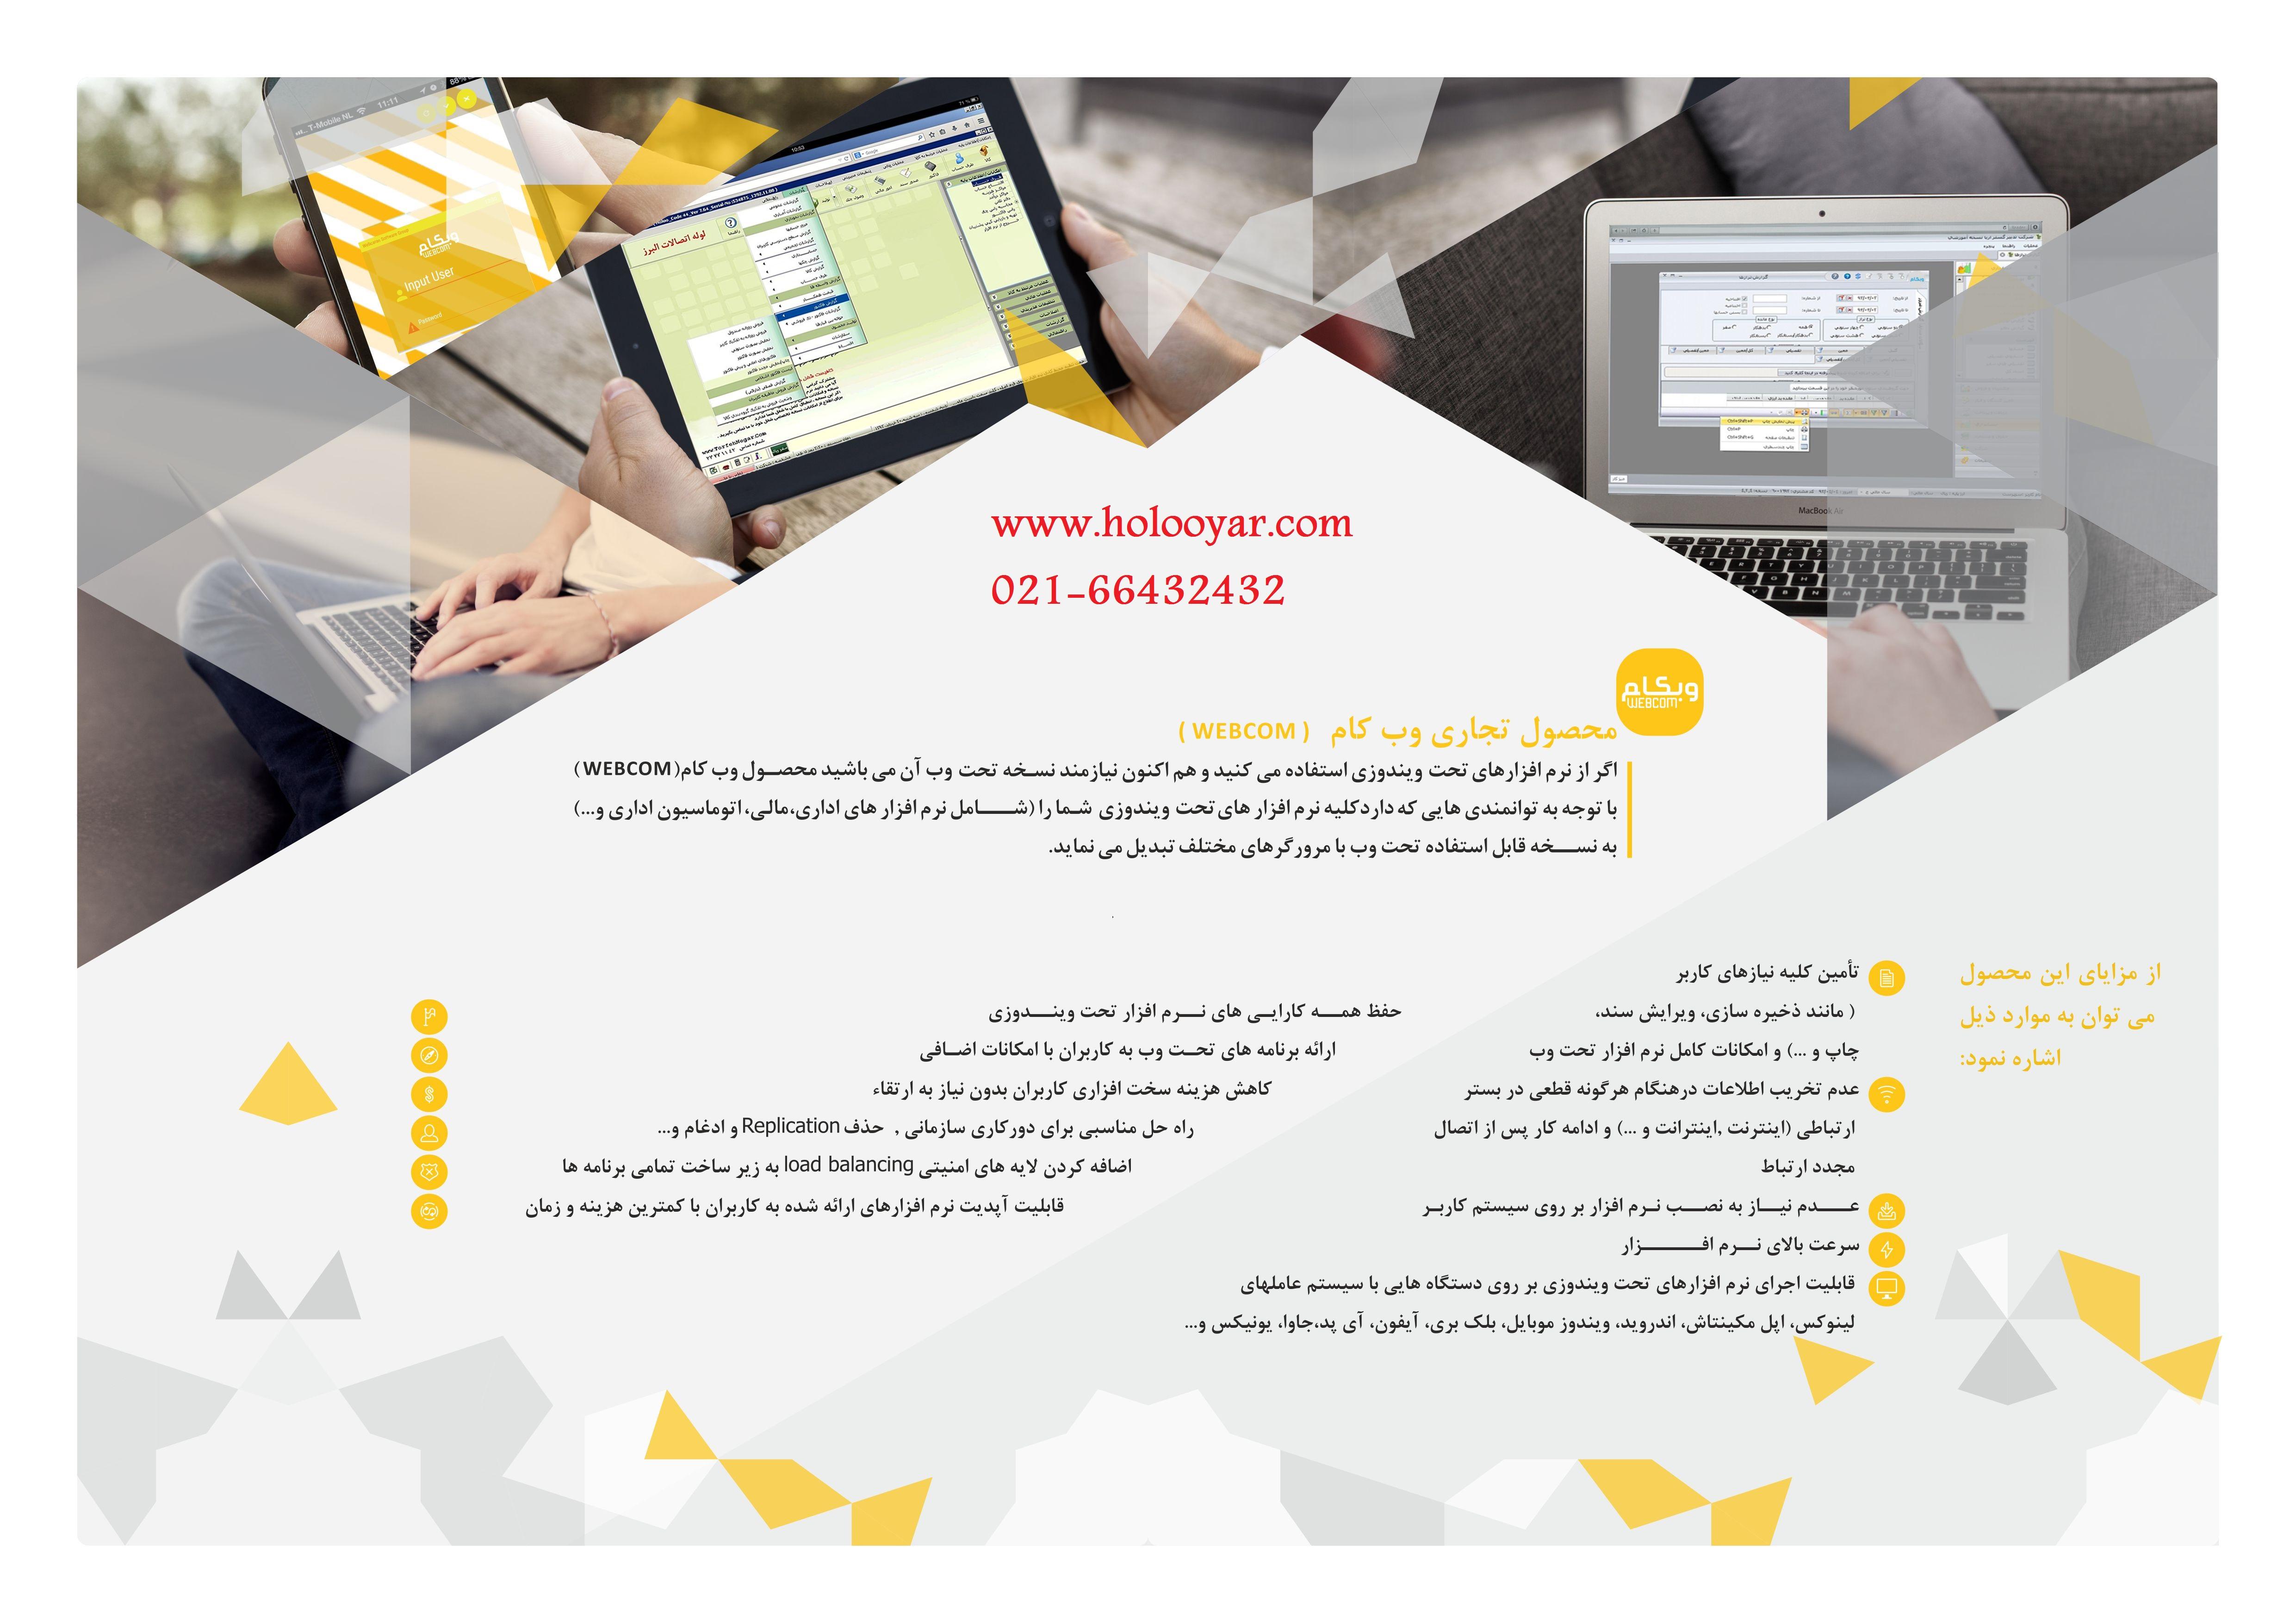 مزایای وب کام